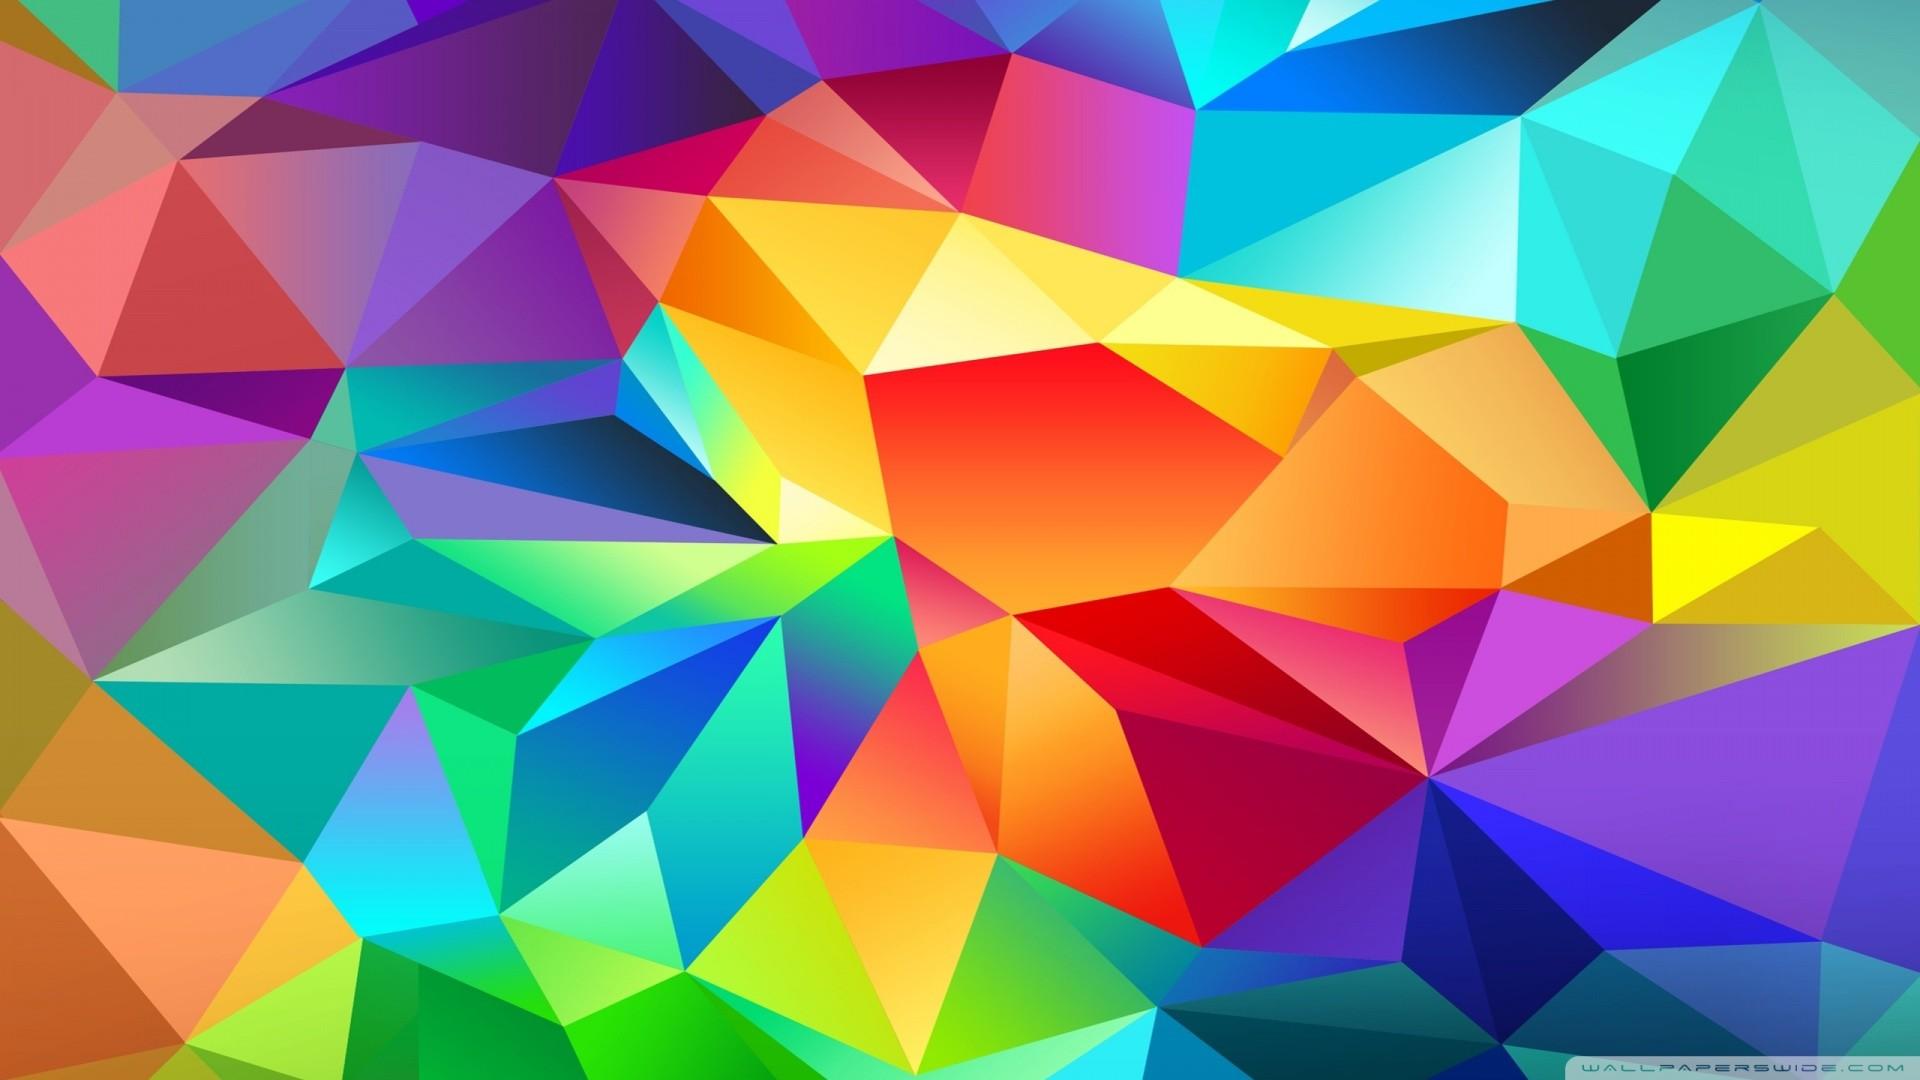 Galaxy s5 wallpaper hd 1080p